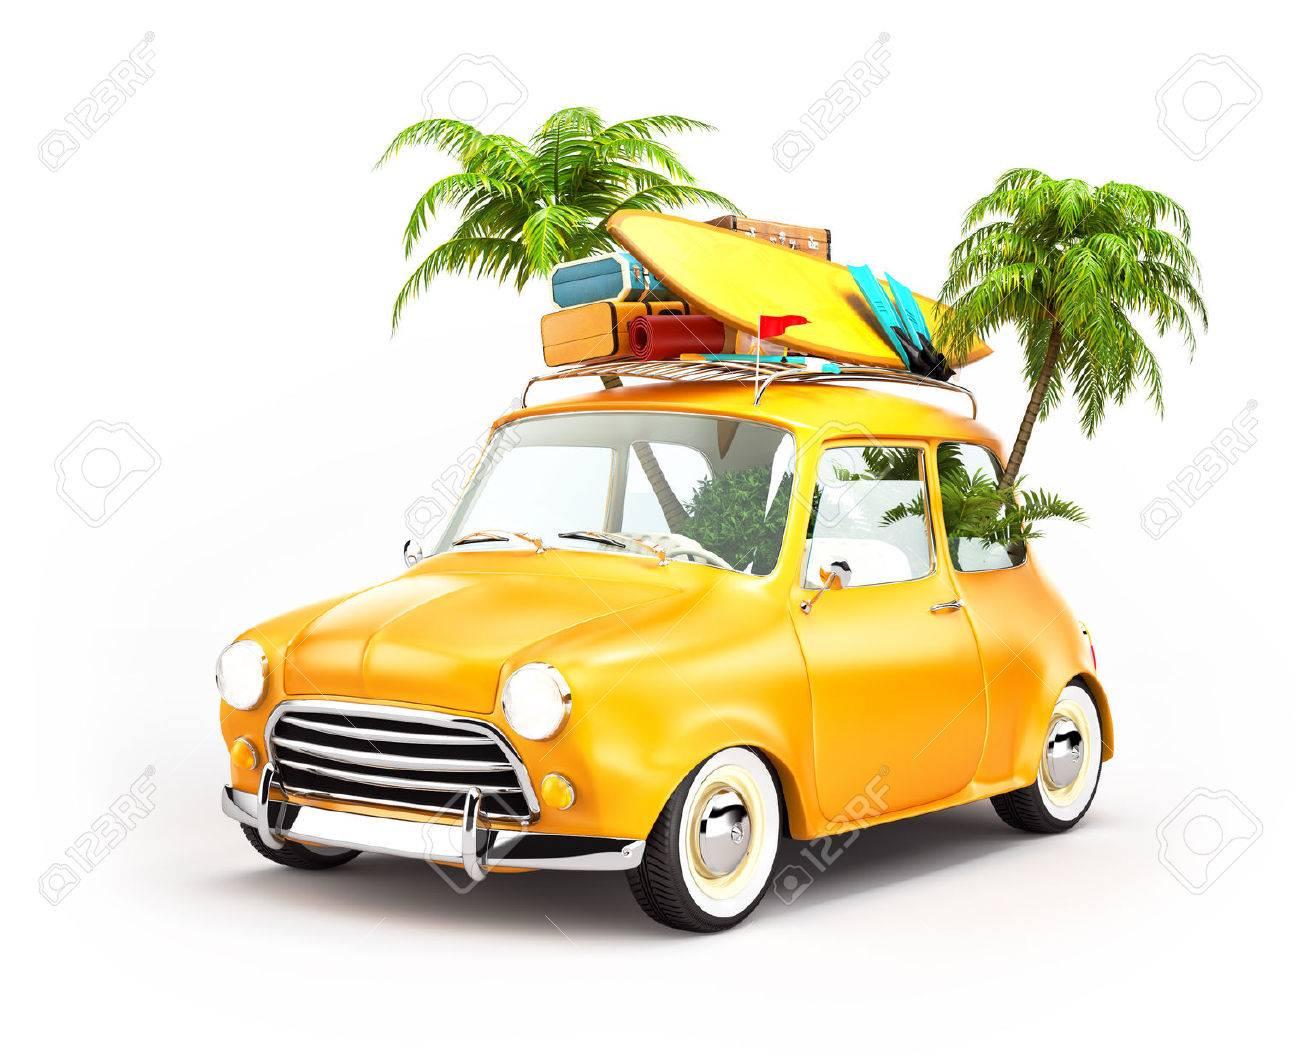 Risultato immagini per auto da sabbia vignette divertenti